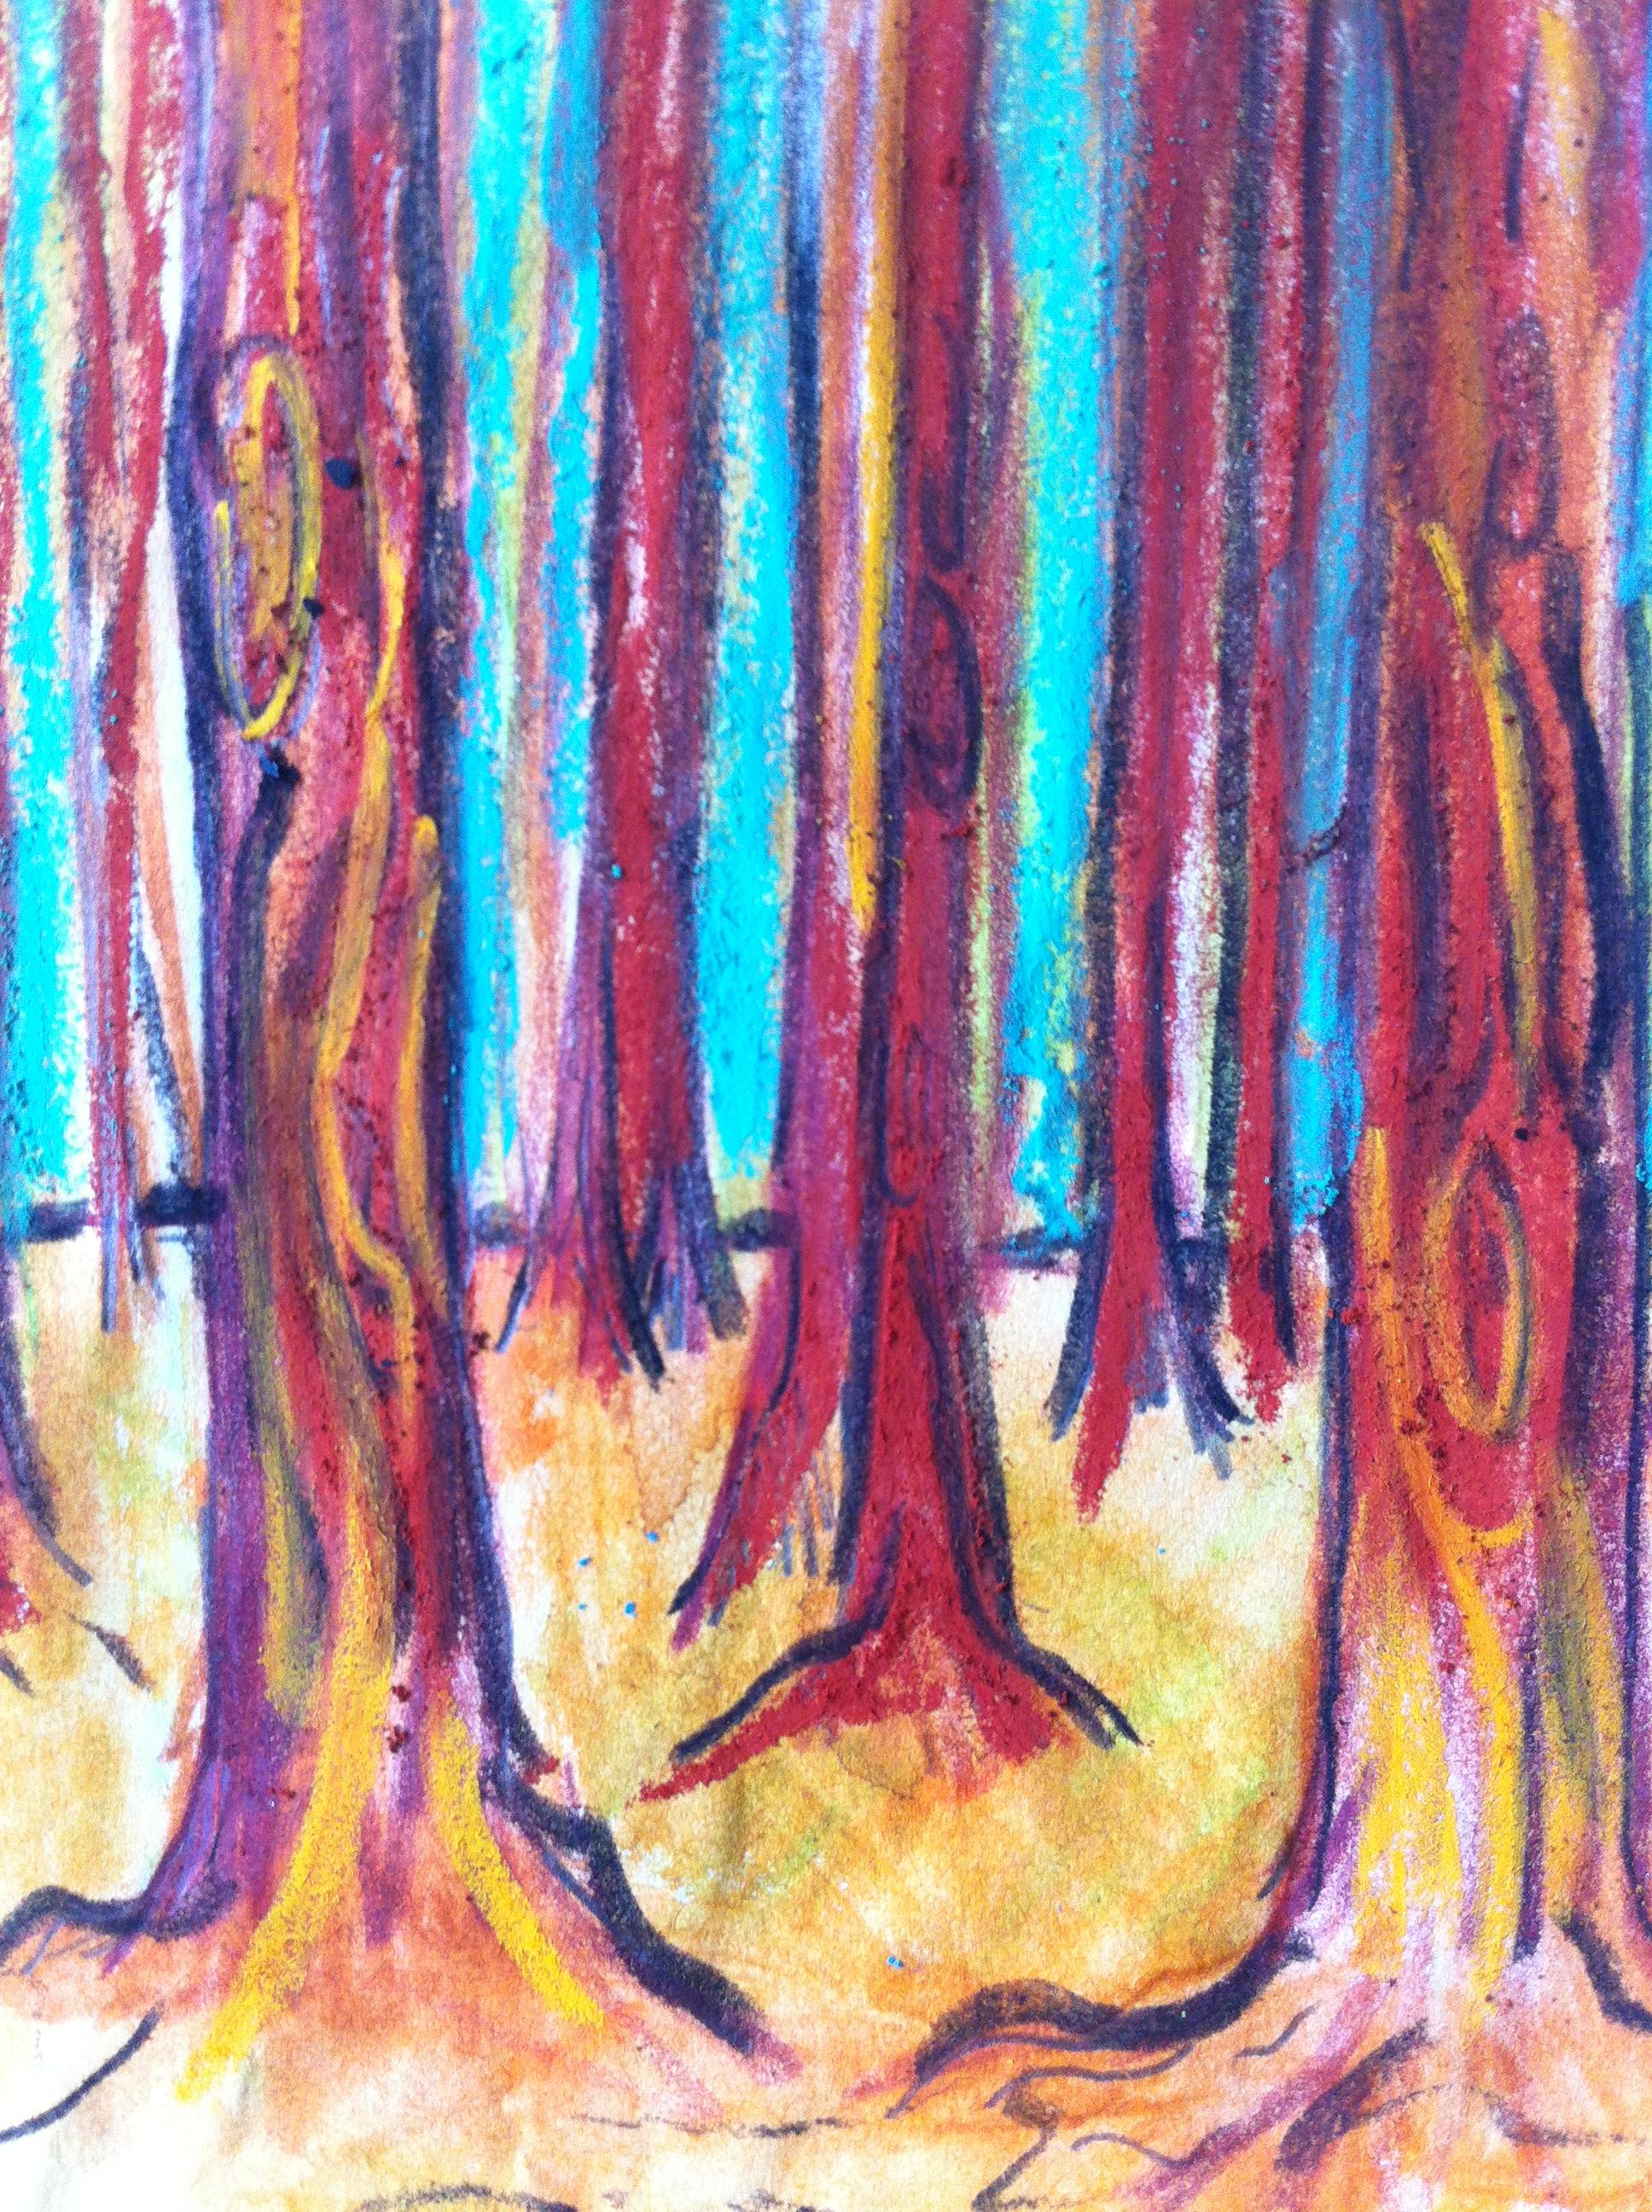 Forest at Görvälns naturreservat near Stockholm from my Sweden Sketchbook